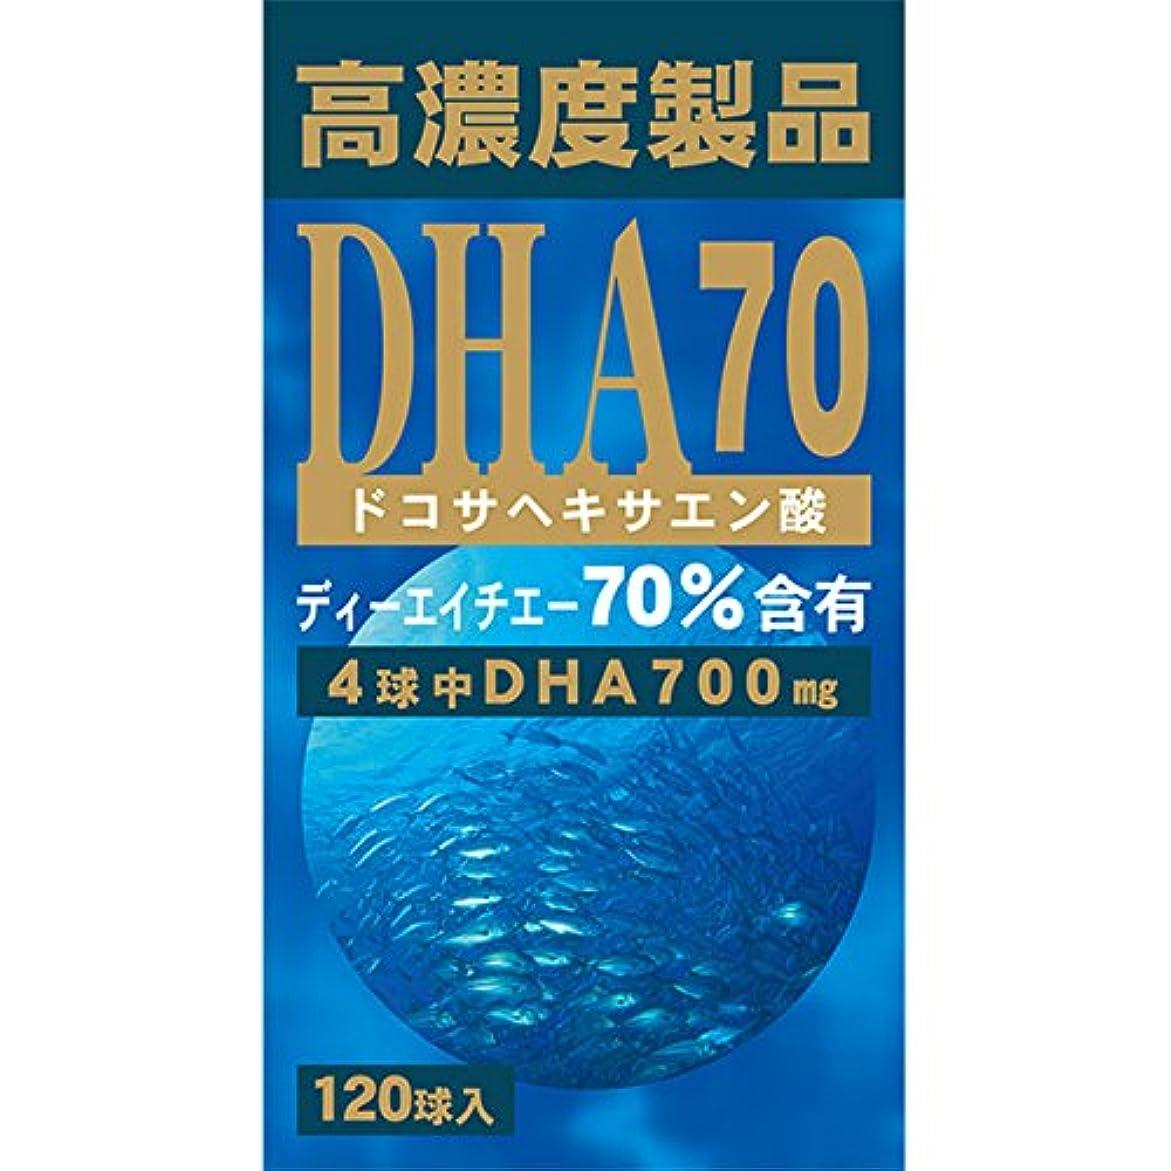 良さ流産固有の高濃度DHA70 120球